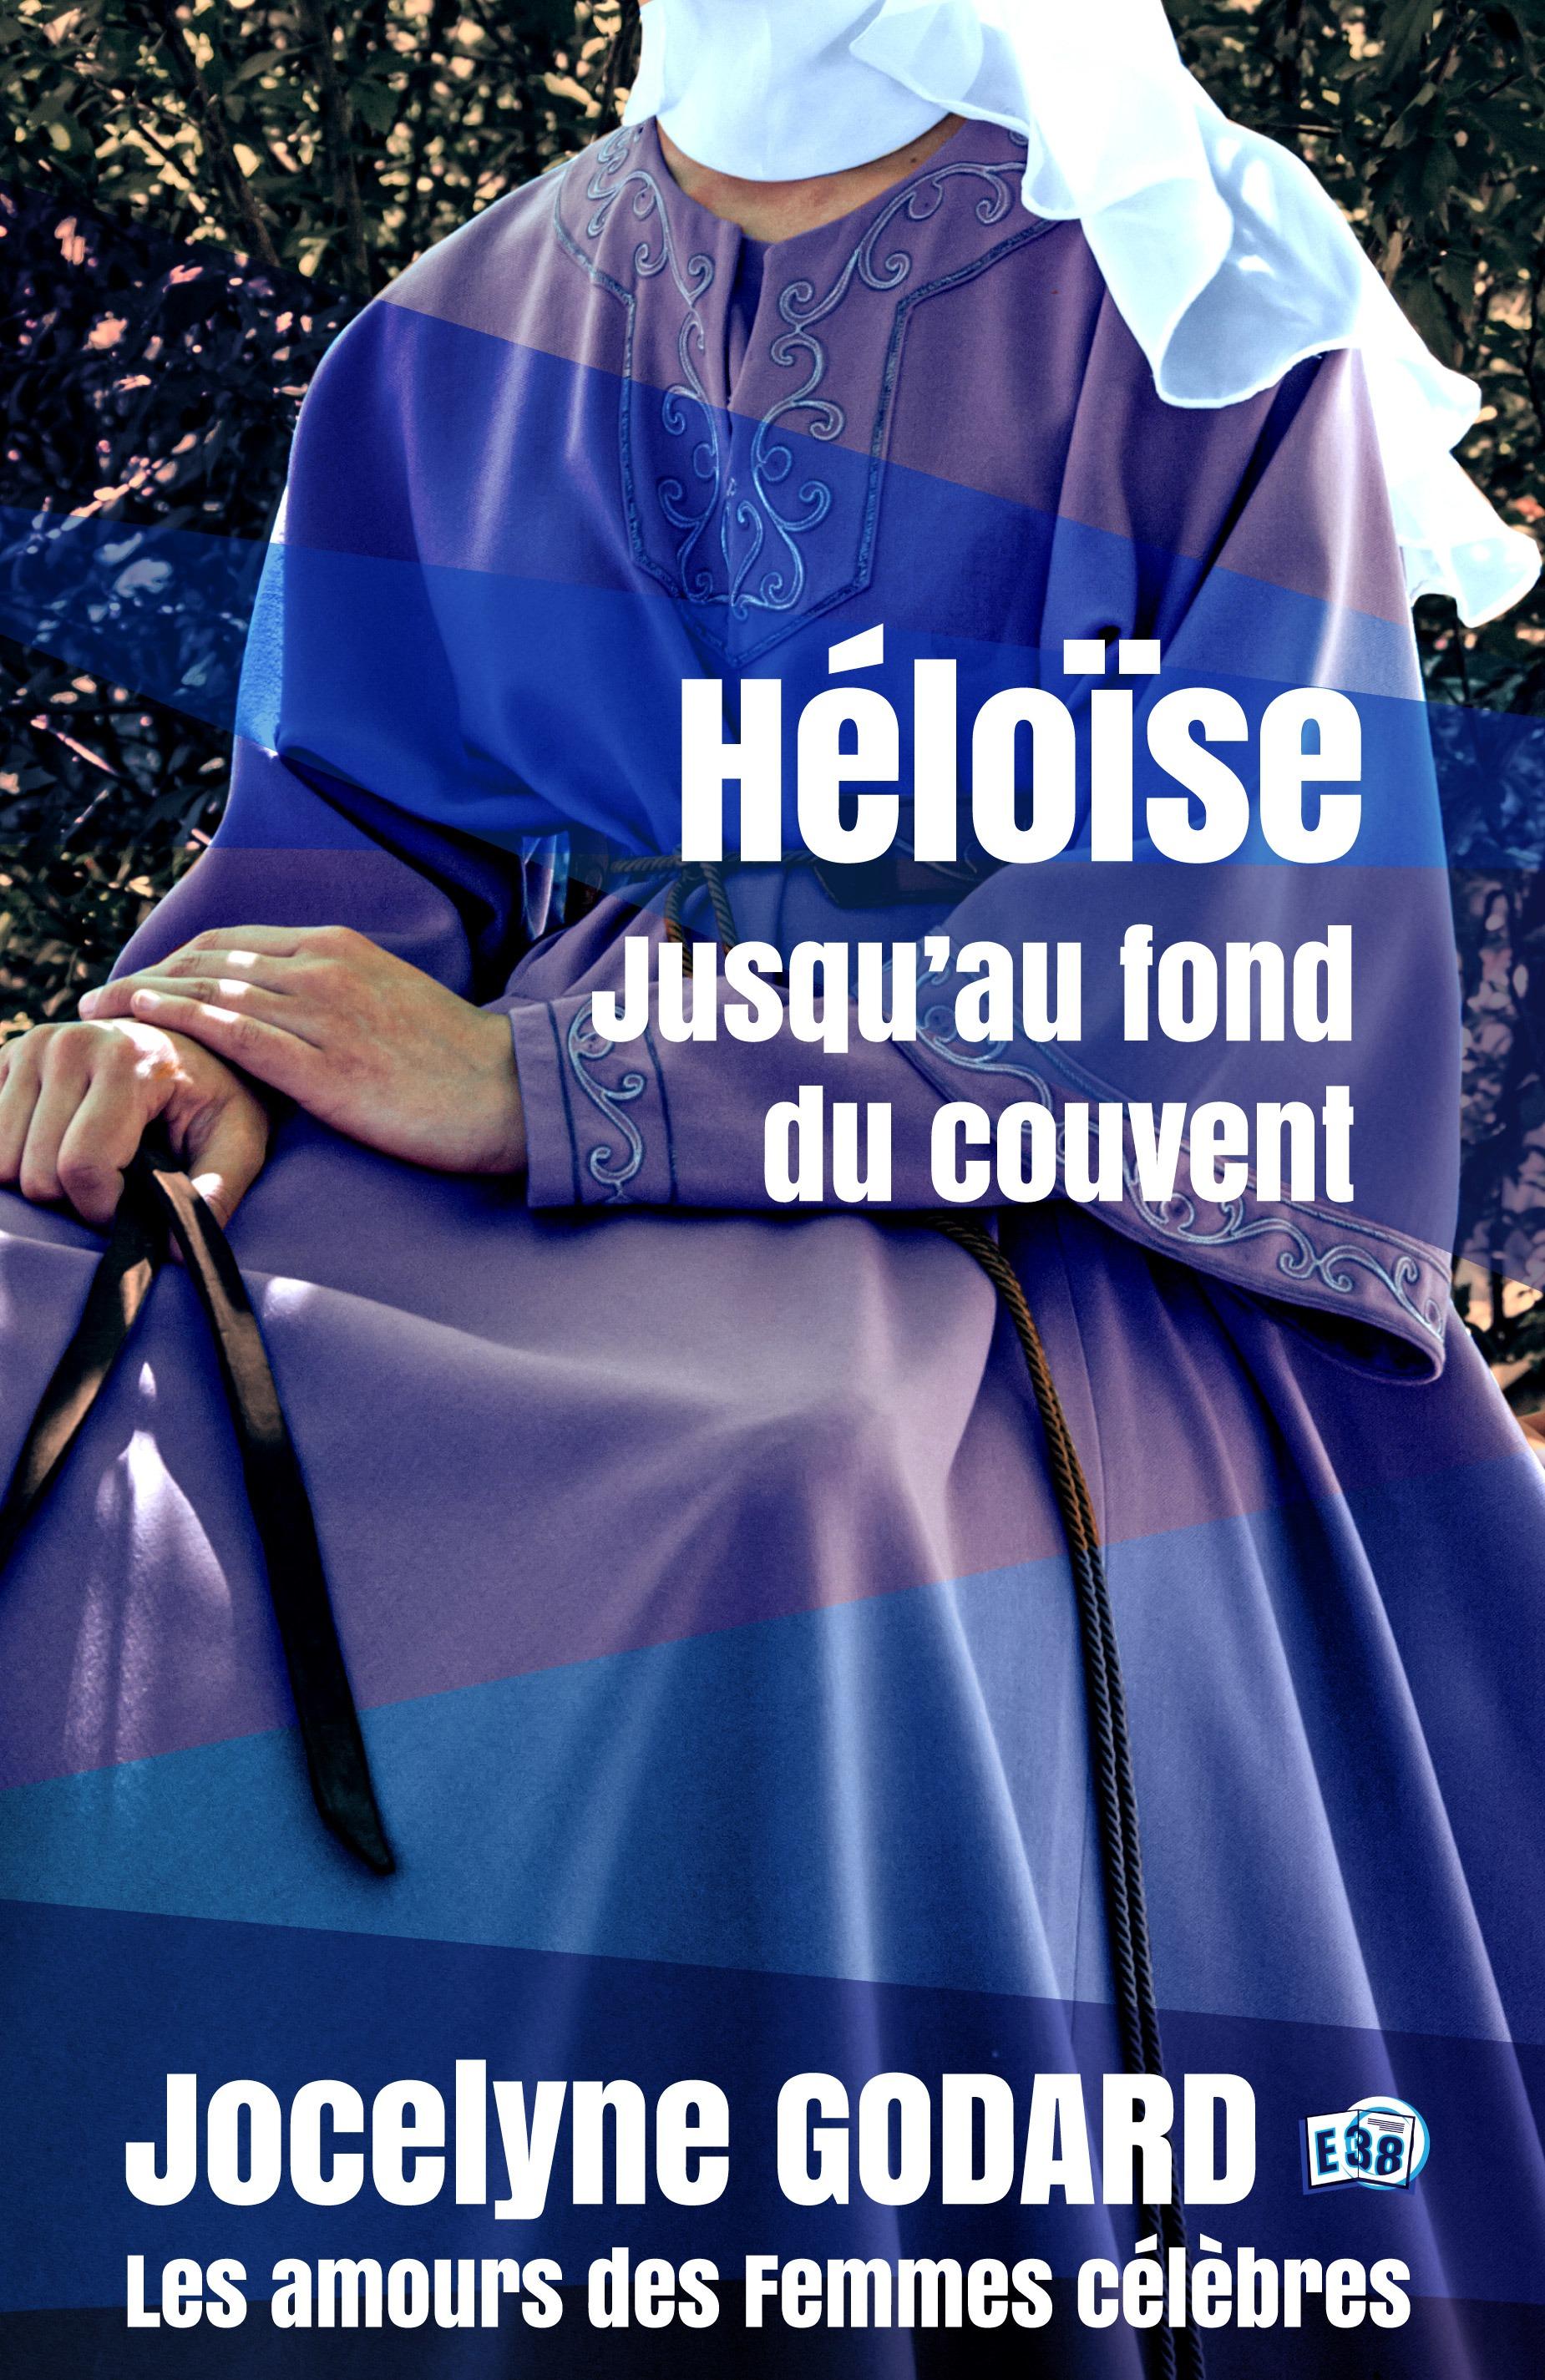 Héloïse, jusqu'au fond du couvent, LES AMOURS DES FEMMES CÉLÈBRES